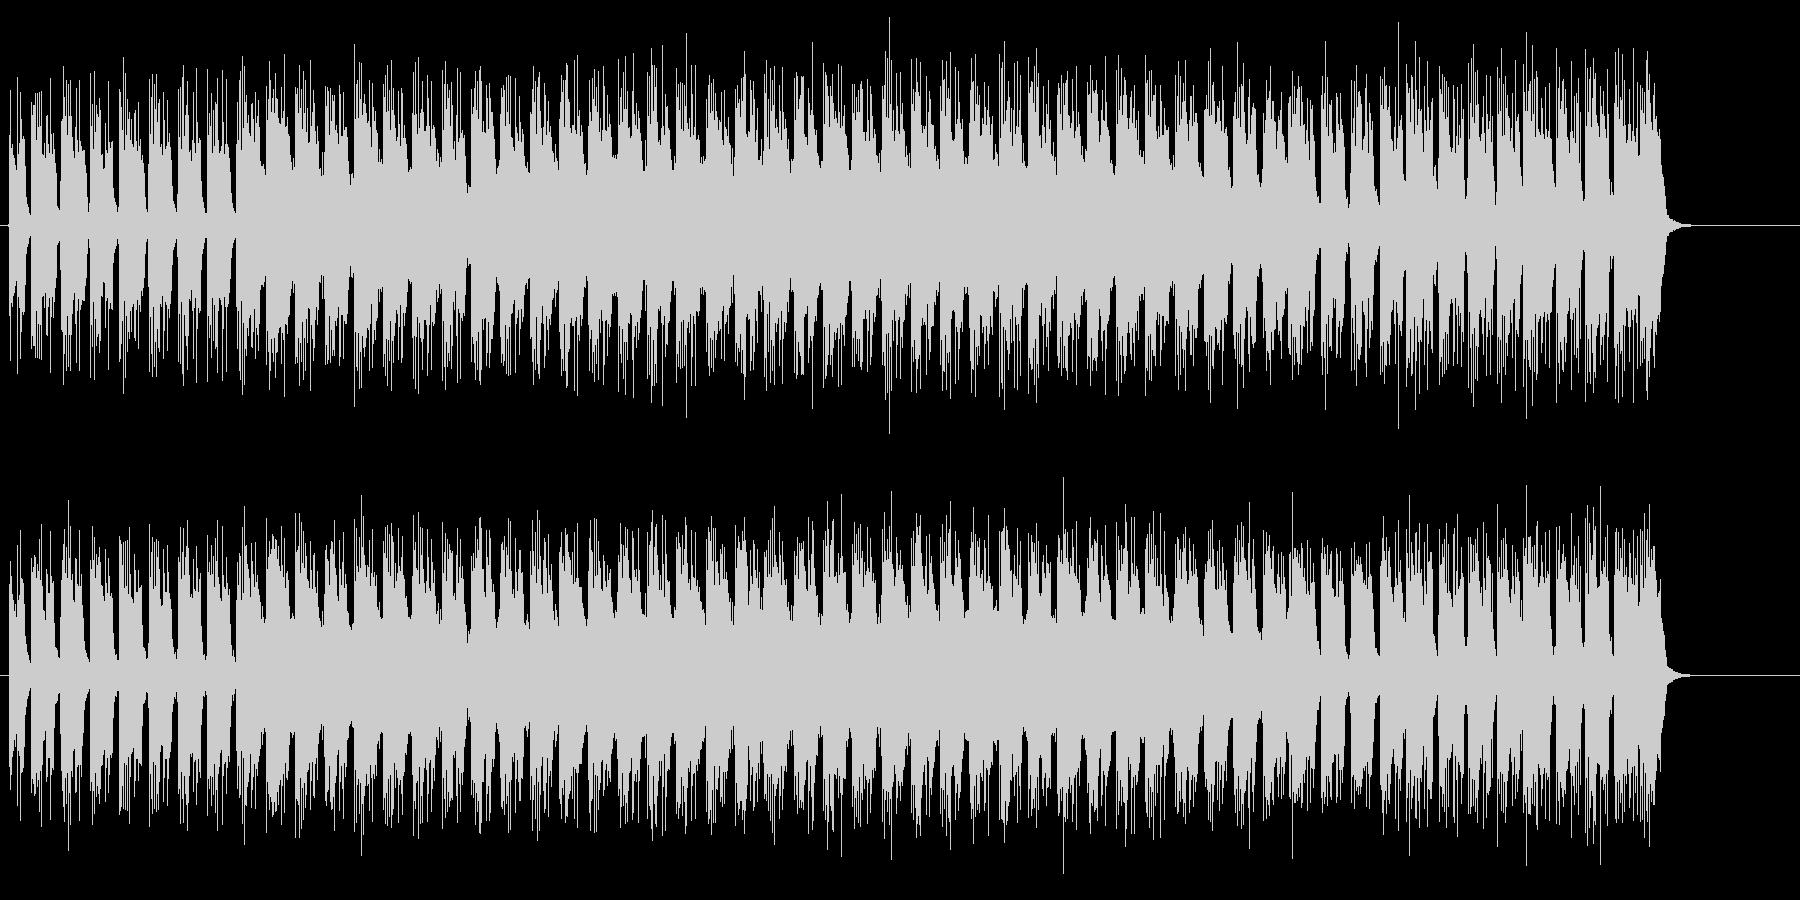 超合金的ギターリフ際立ちのハード・ロックの未再生の波形